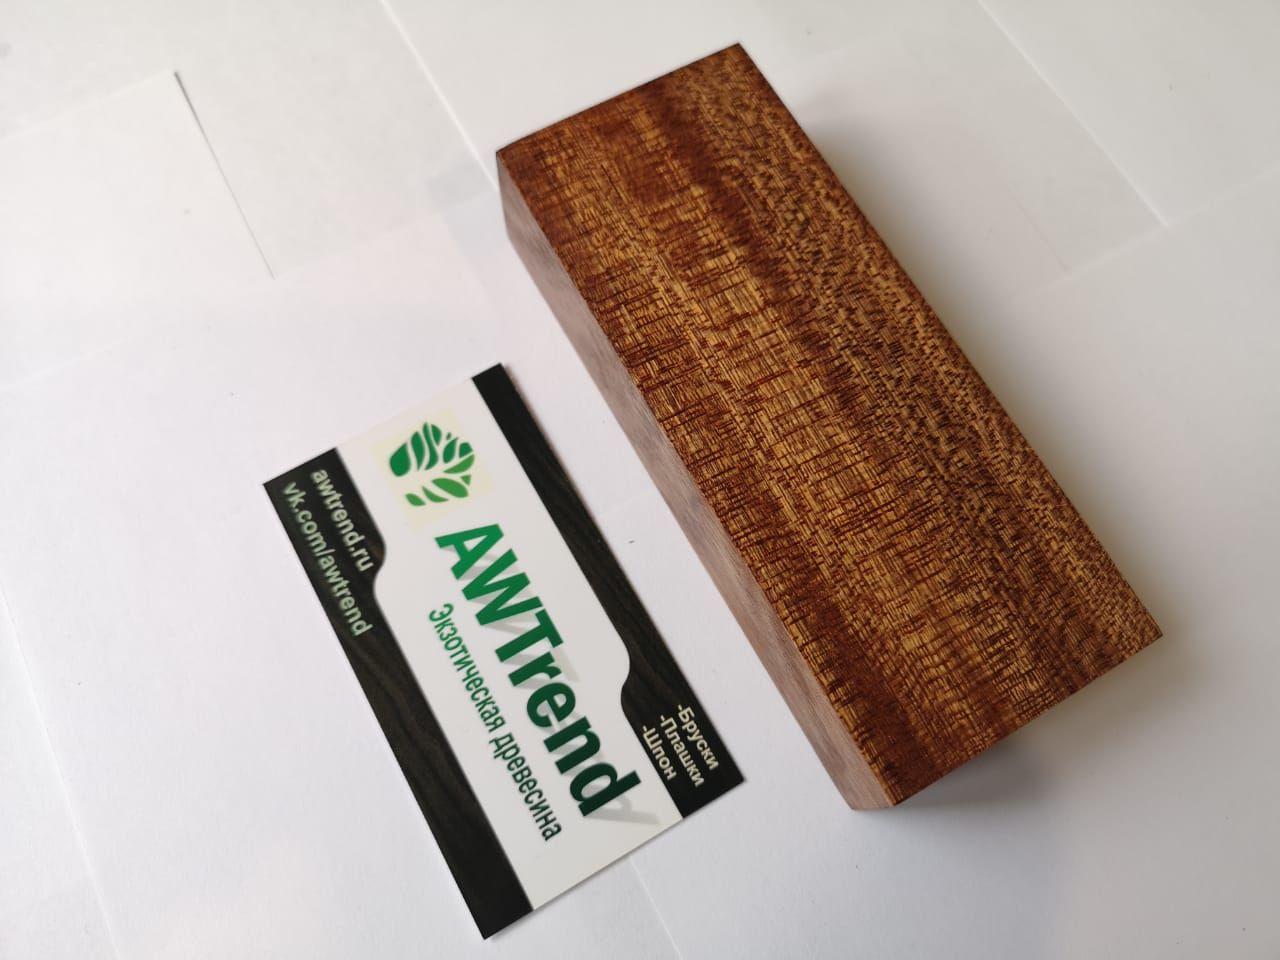 Сапеле (Sapele) плашки и бруски 260-400 мм (цена за 1 шт)